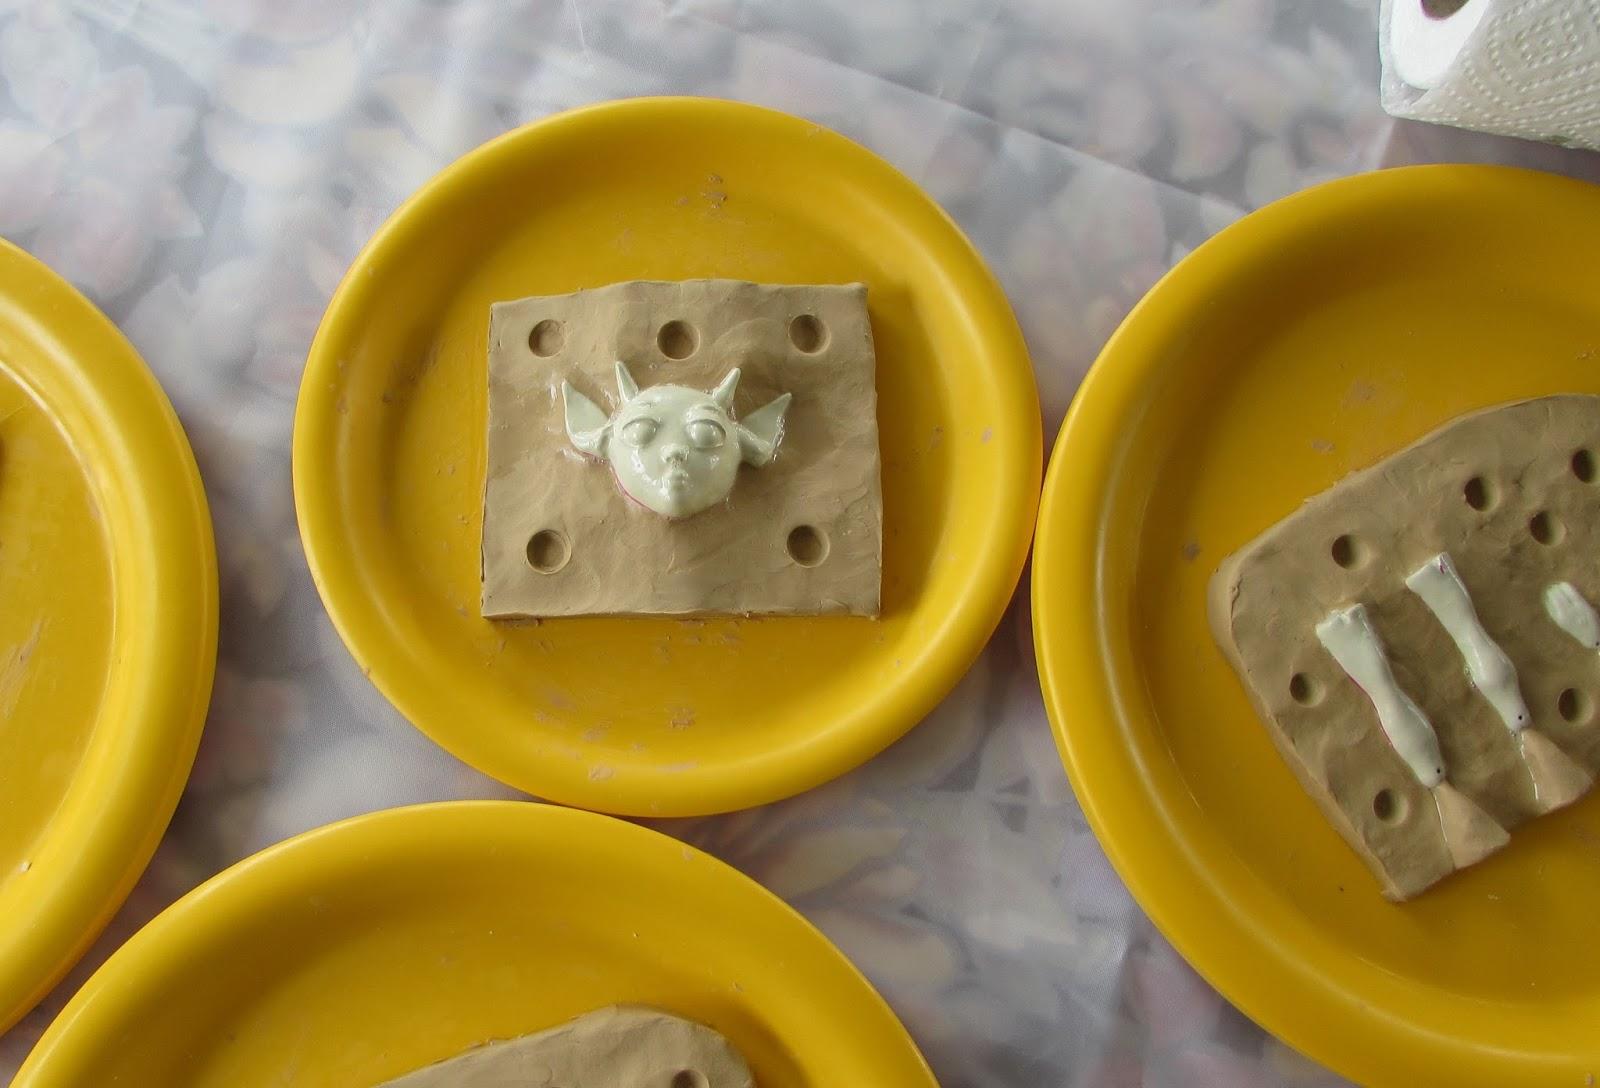 Kaerie Faerie Creating Plaster Molds For Porcelain Dolls